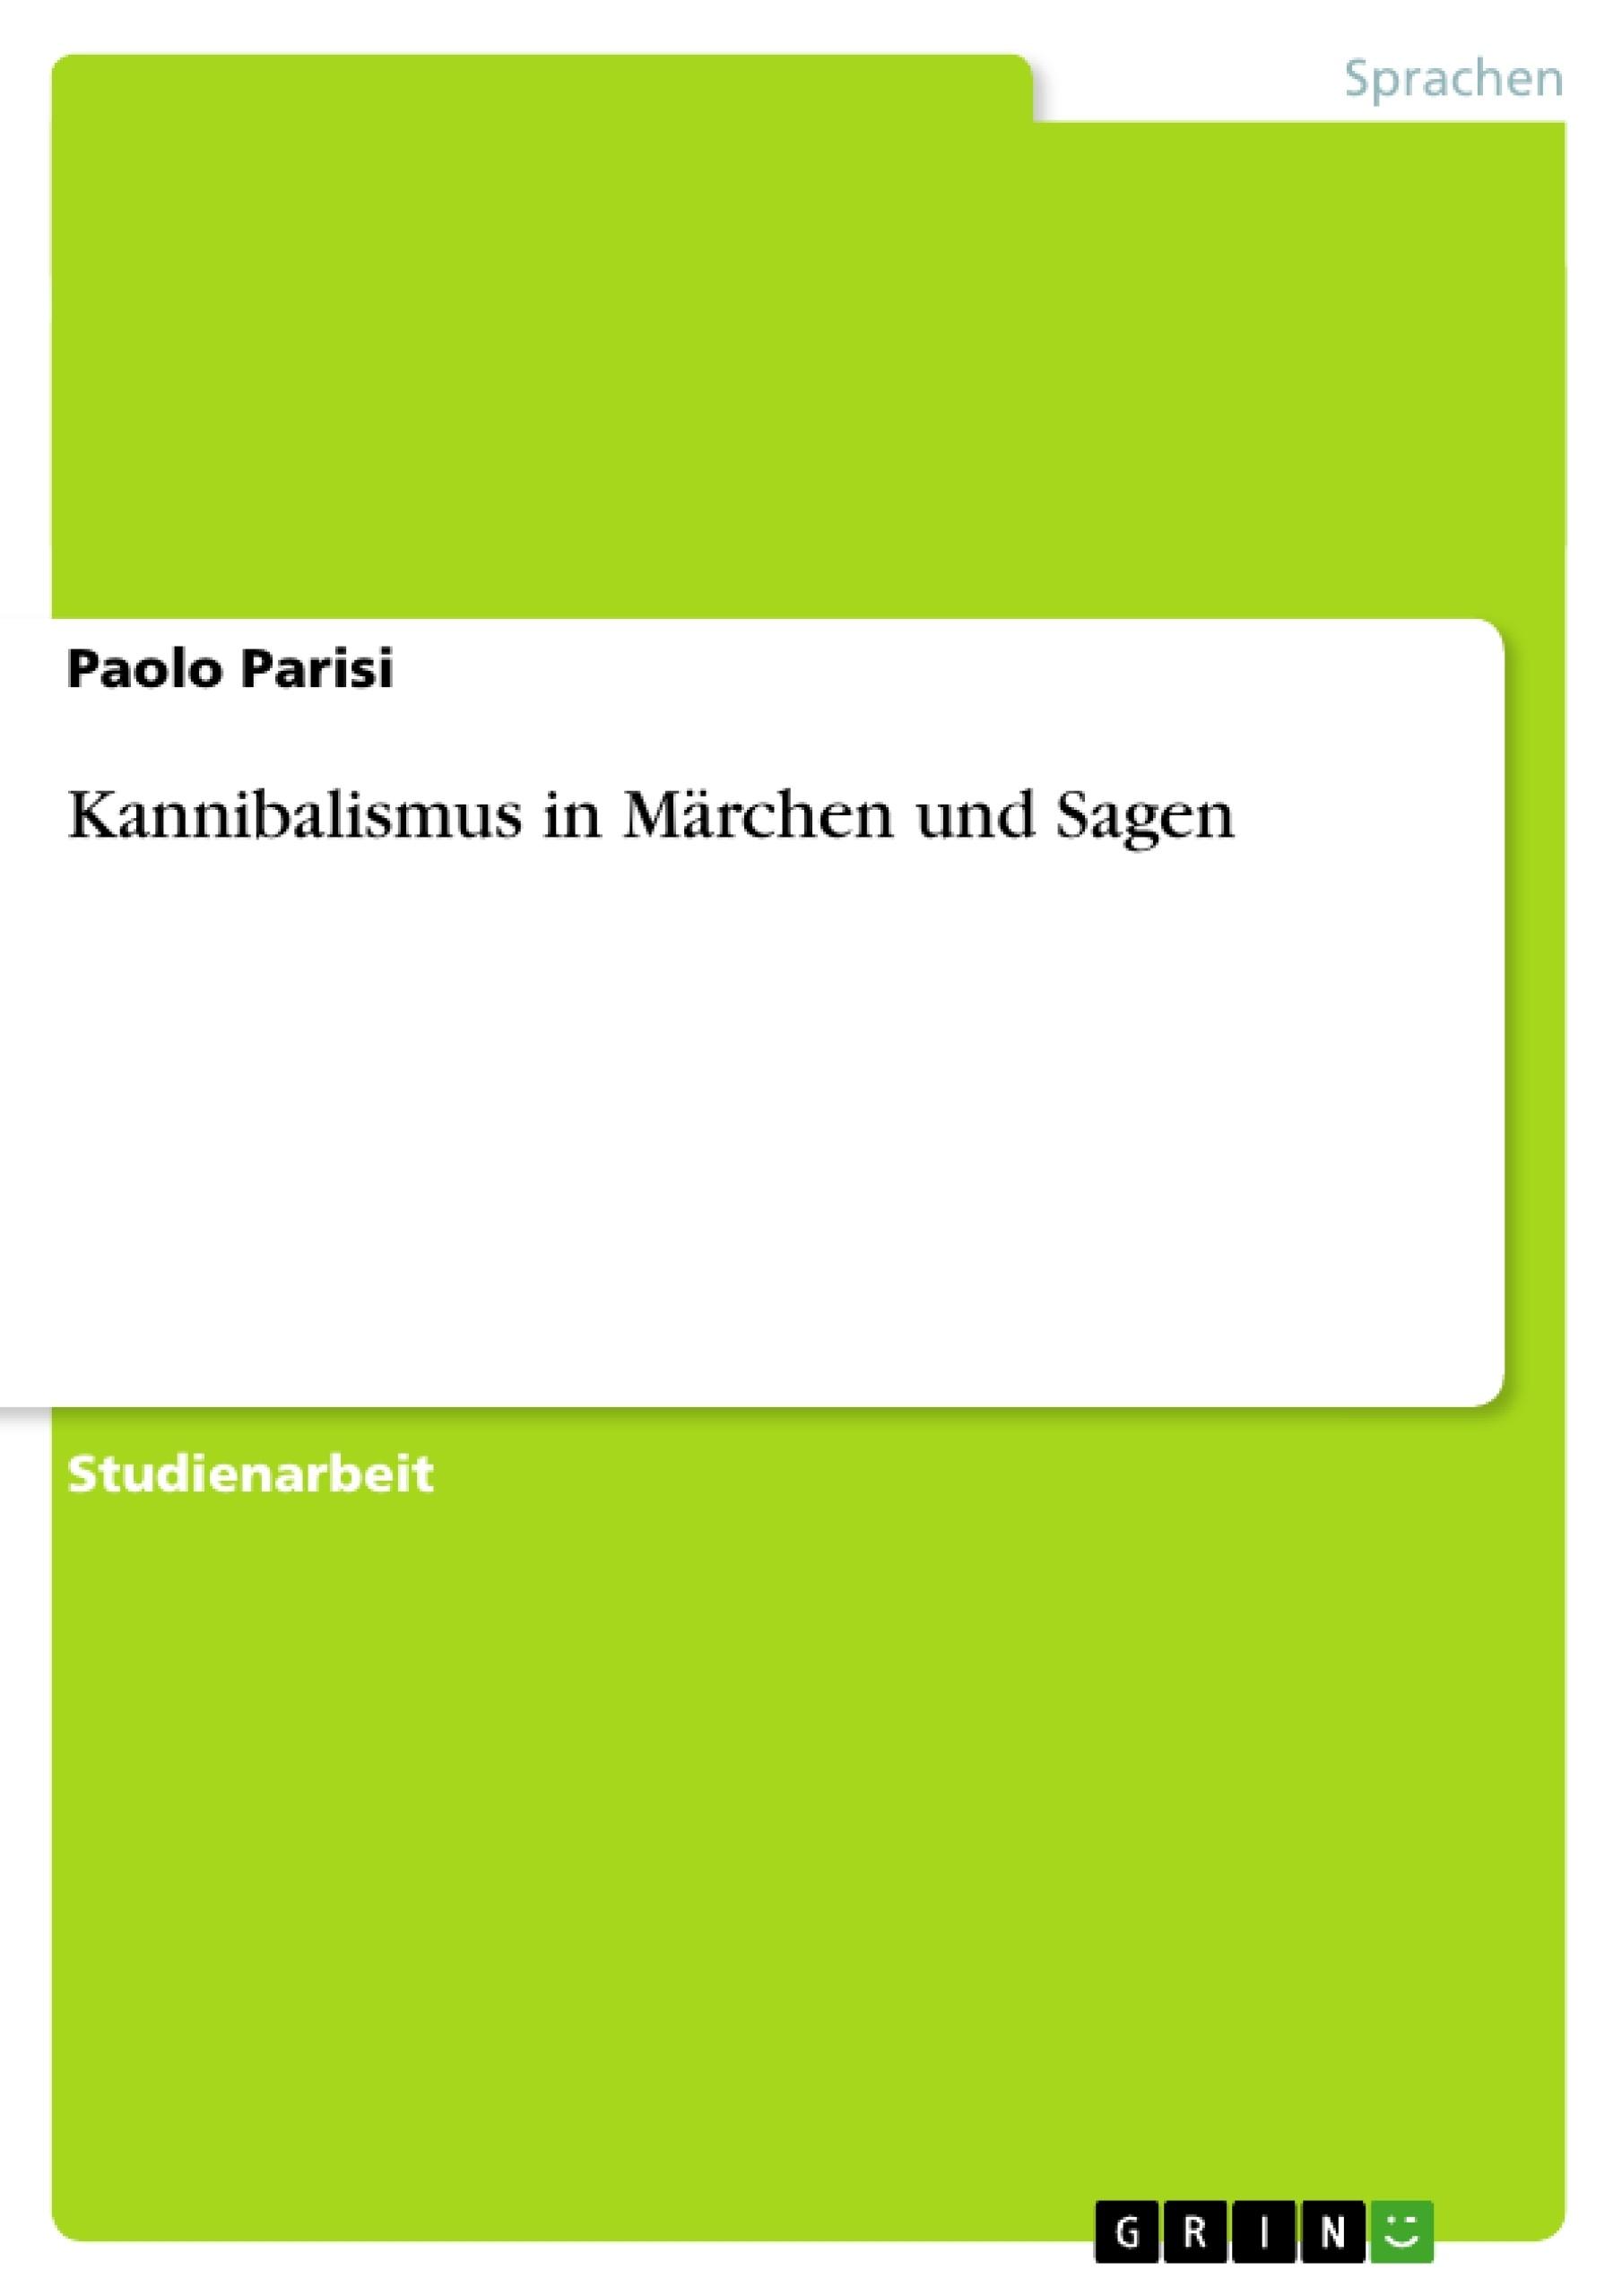 Titel: Kannibalismus in Märchen und Sagen